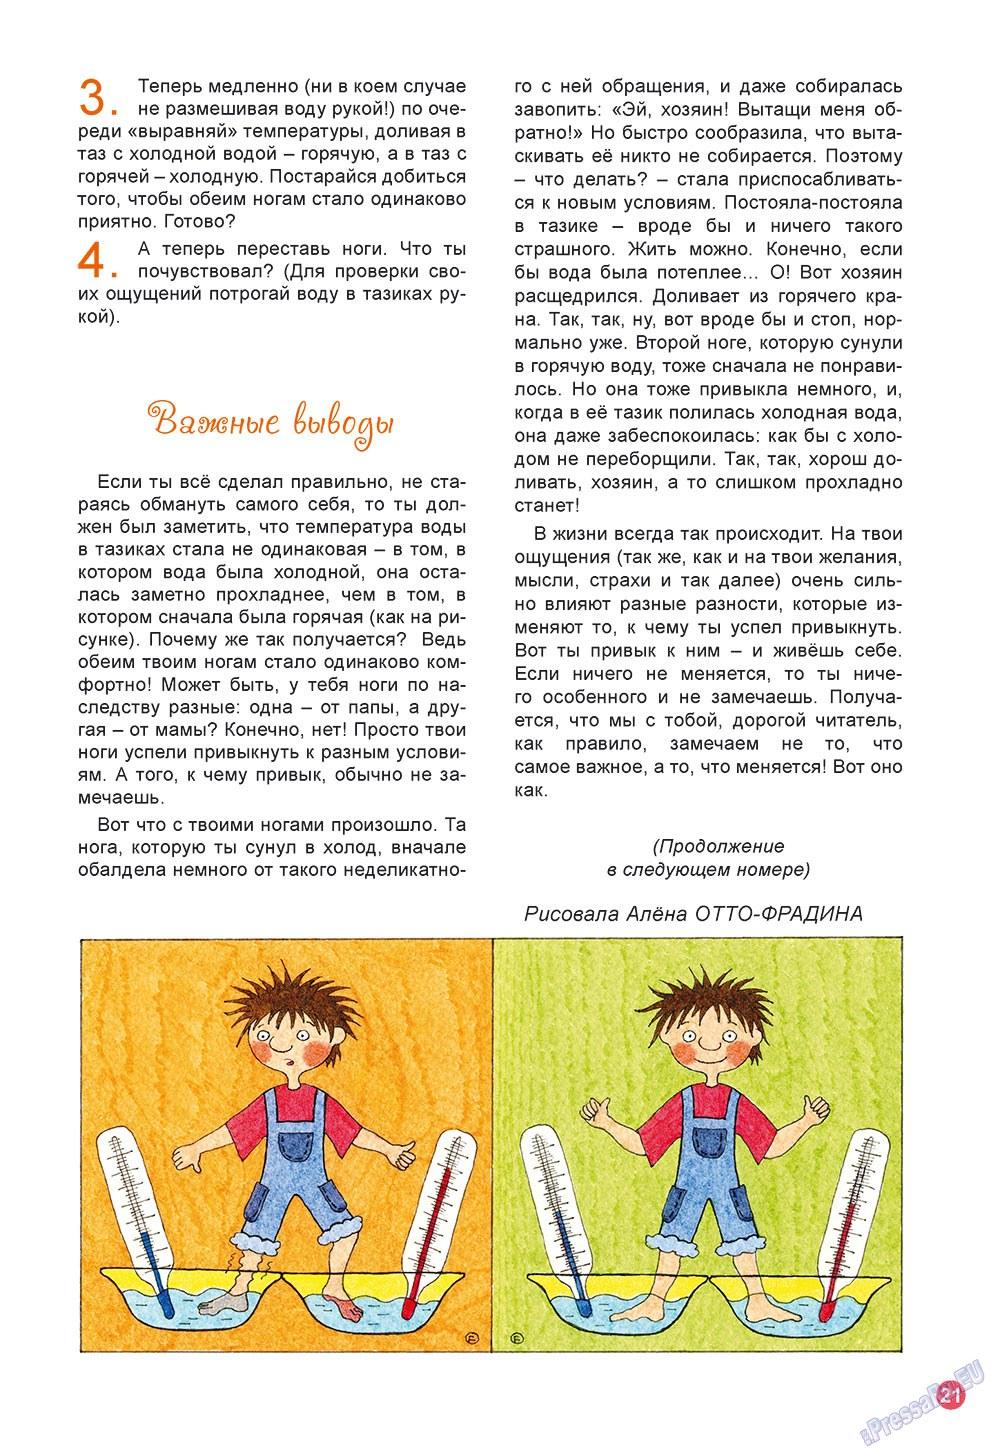 Остров там и тут (журнал). 2009 год, номер 4, стр. 21